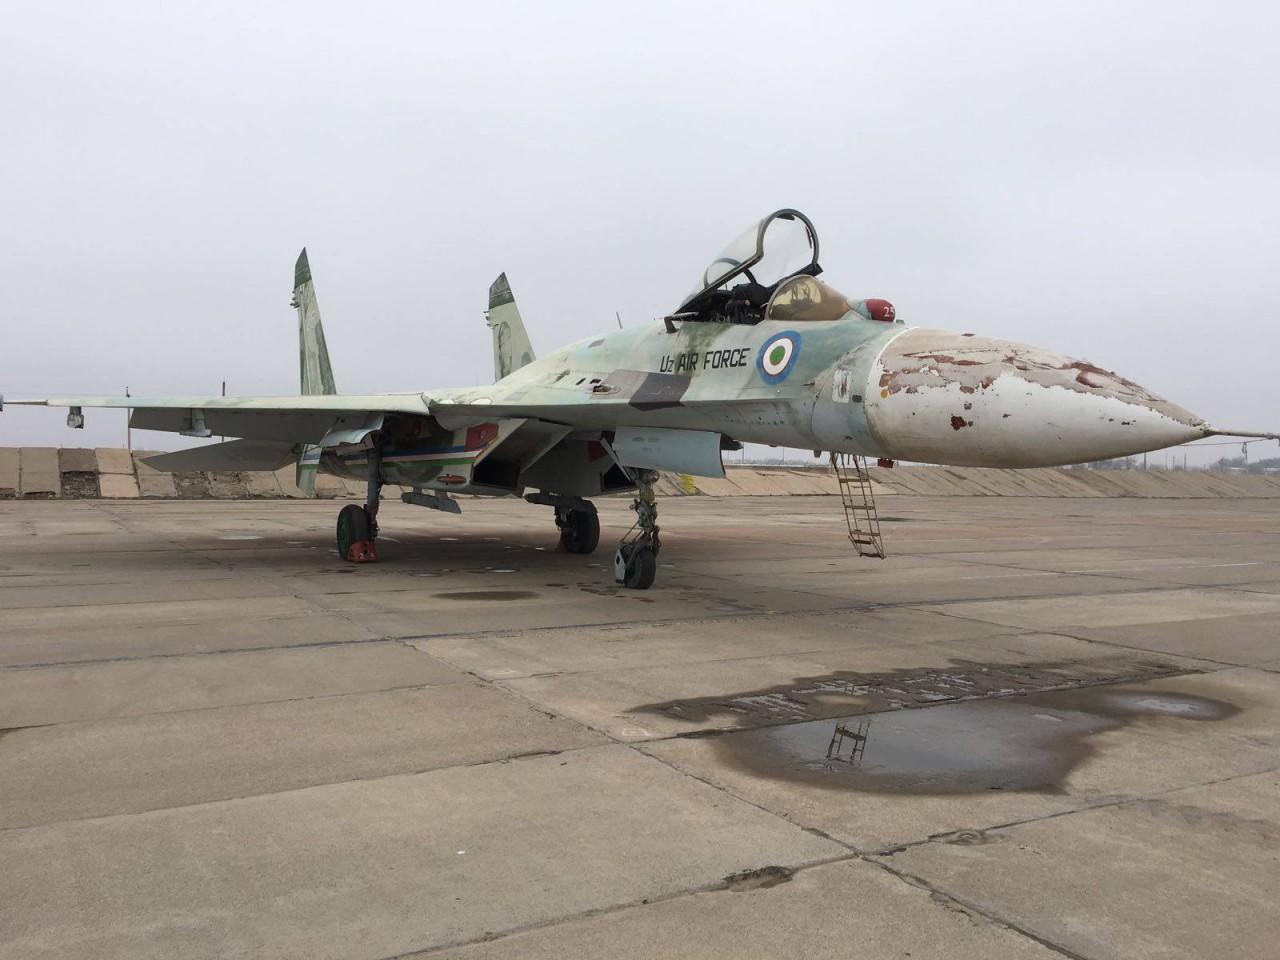 Американская компания предлагает на продажу самолеты ВВС Узбекистана